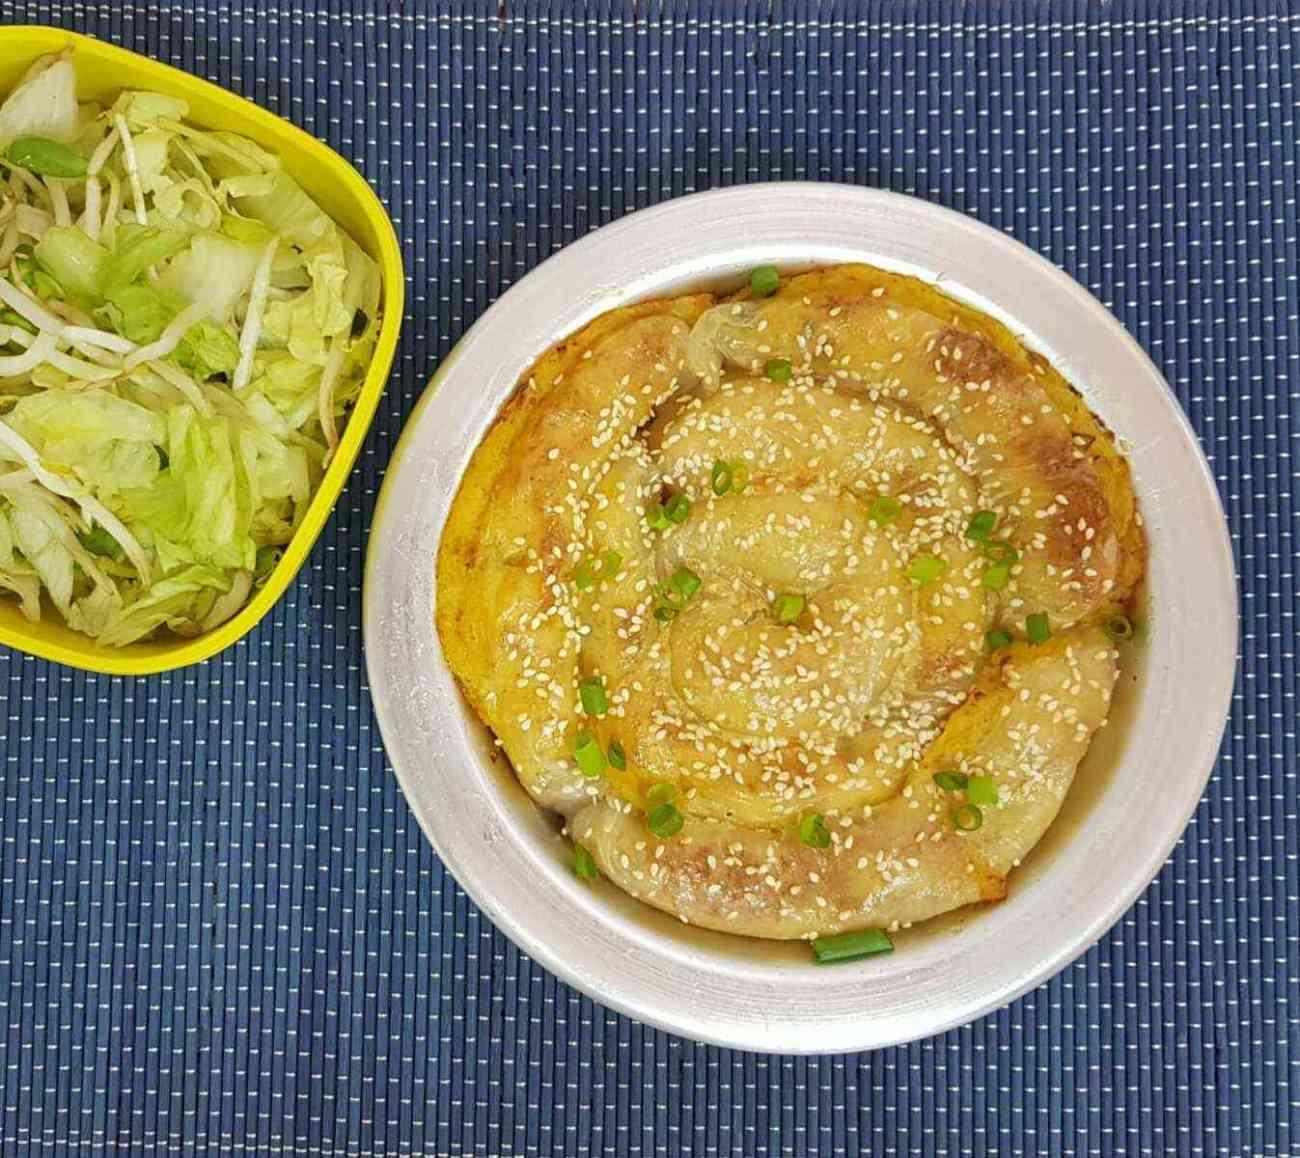 בורקס דפי אורז במילוי תפוח אדמה ובטטה